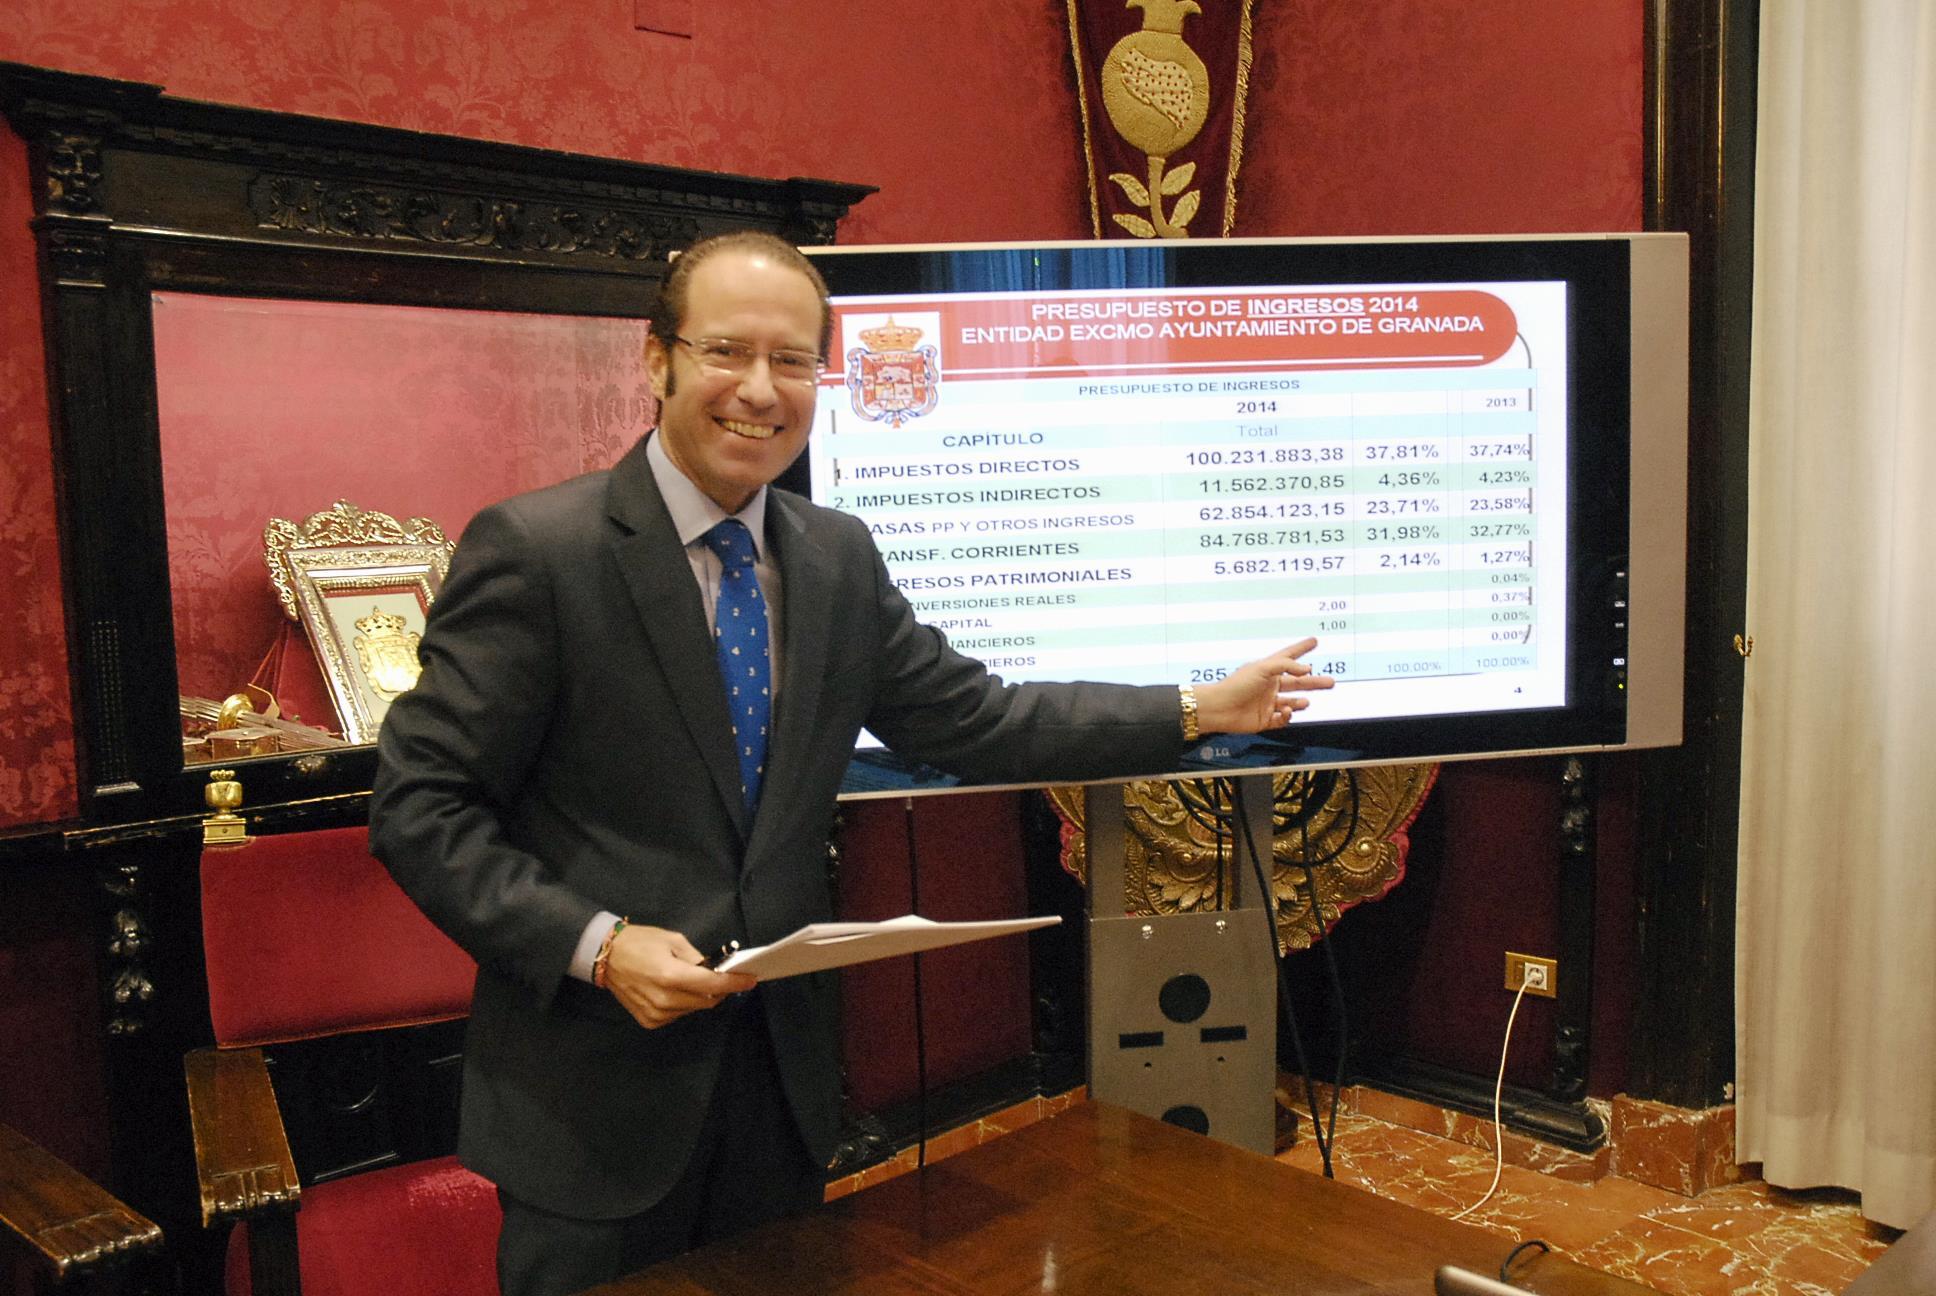 Ledesma Presupuestos 2014